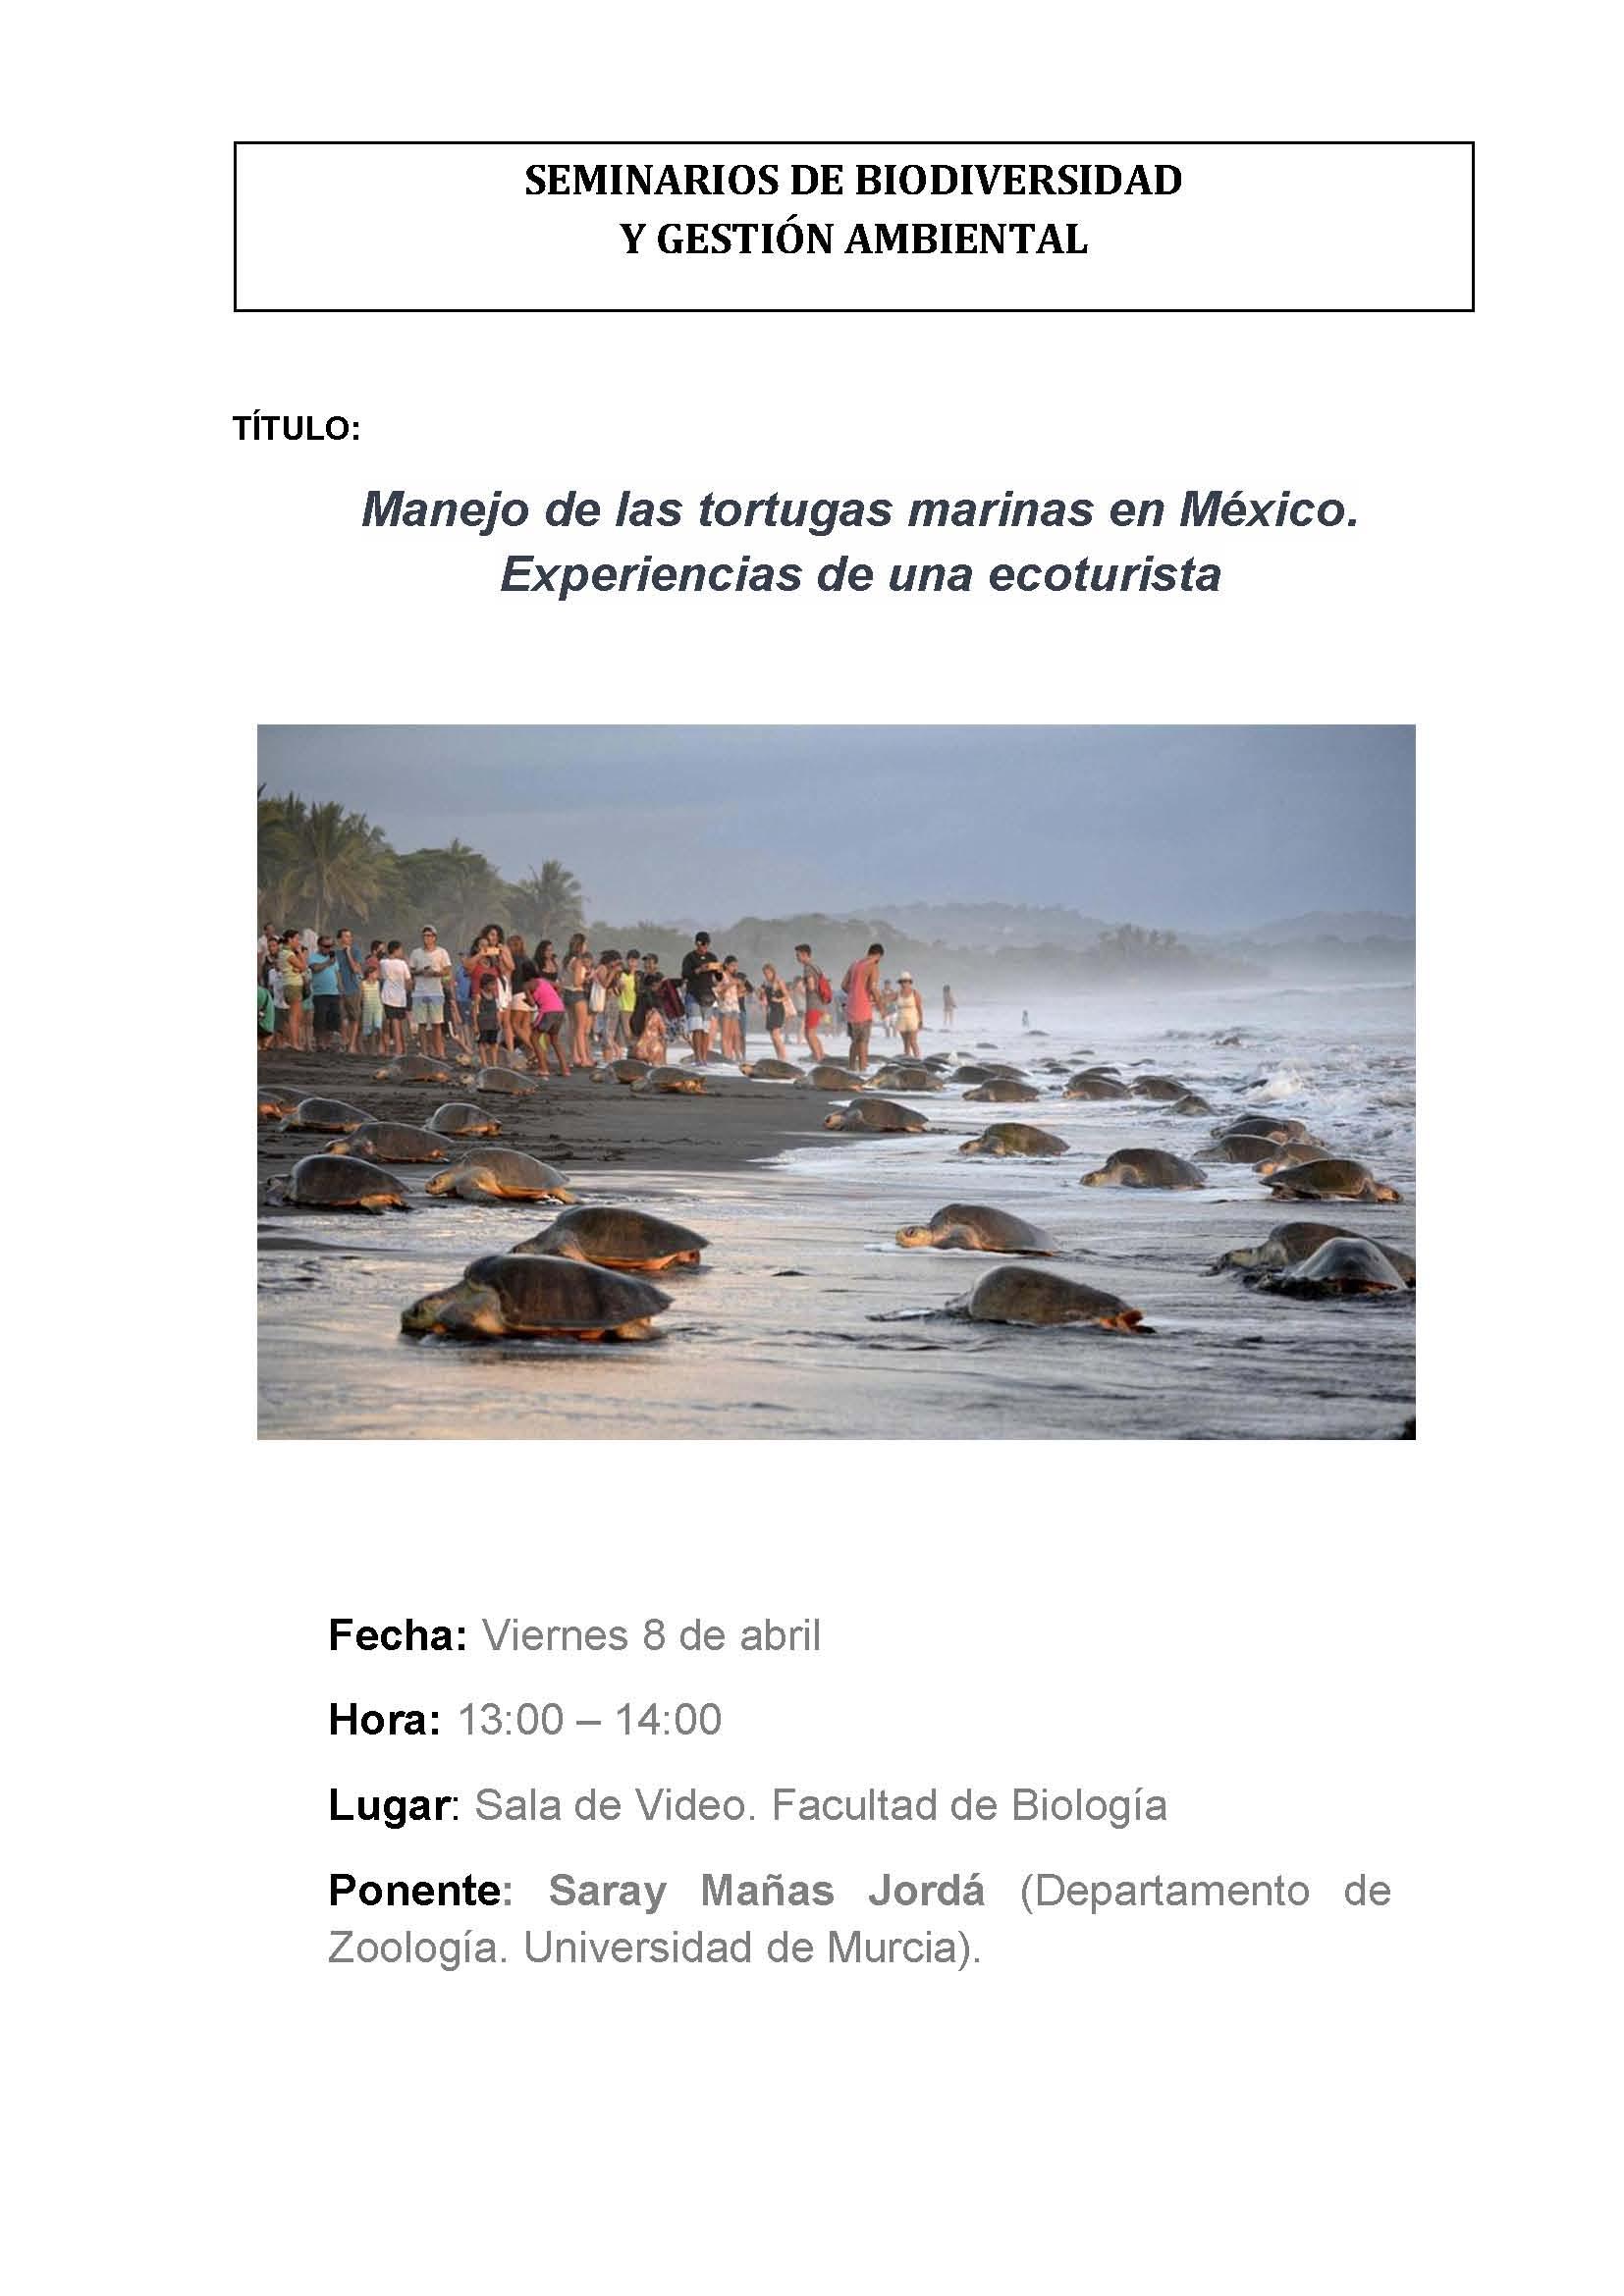 Charla sobre 'Manejo de las tortugas marinas en México', en la UMU.